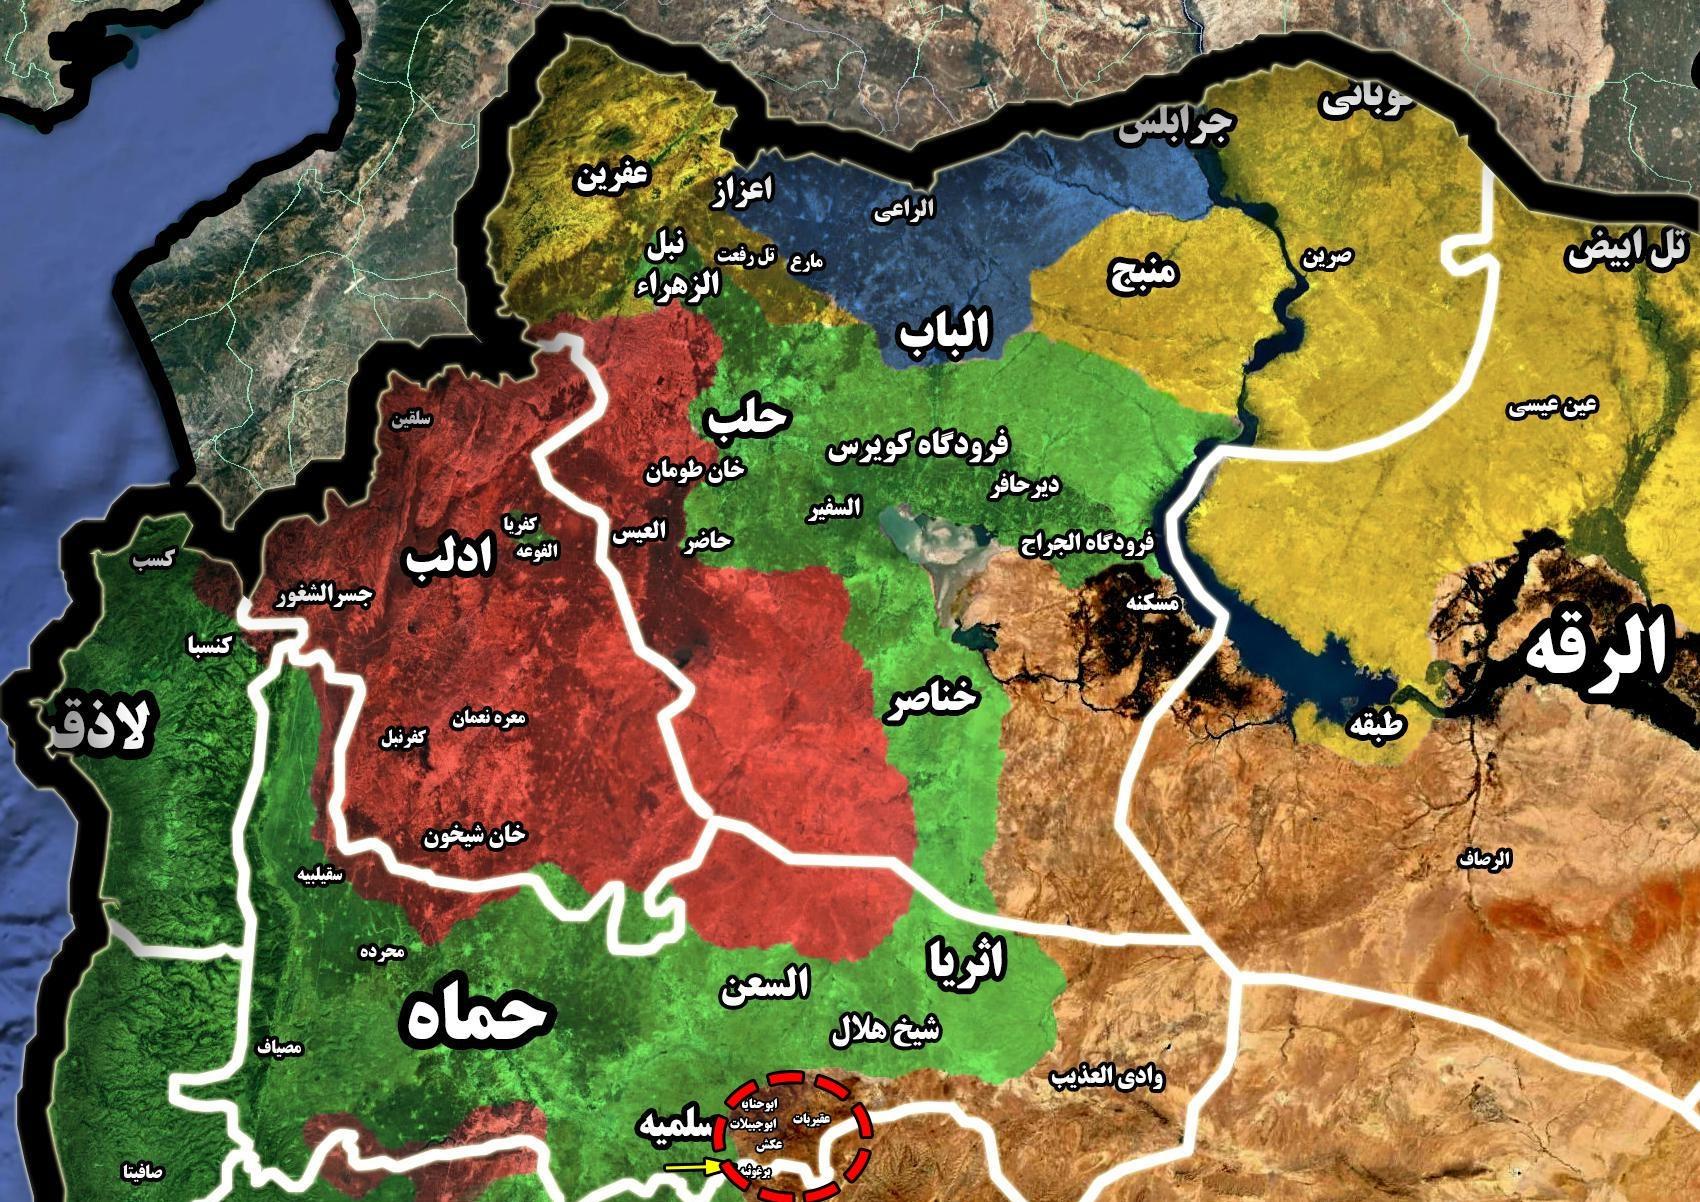 آزادسازی منطقه «مسعود» در حومه شرقی «السلمیه»+نقشه